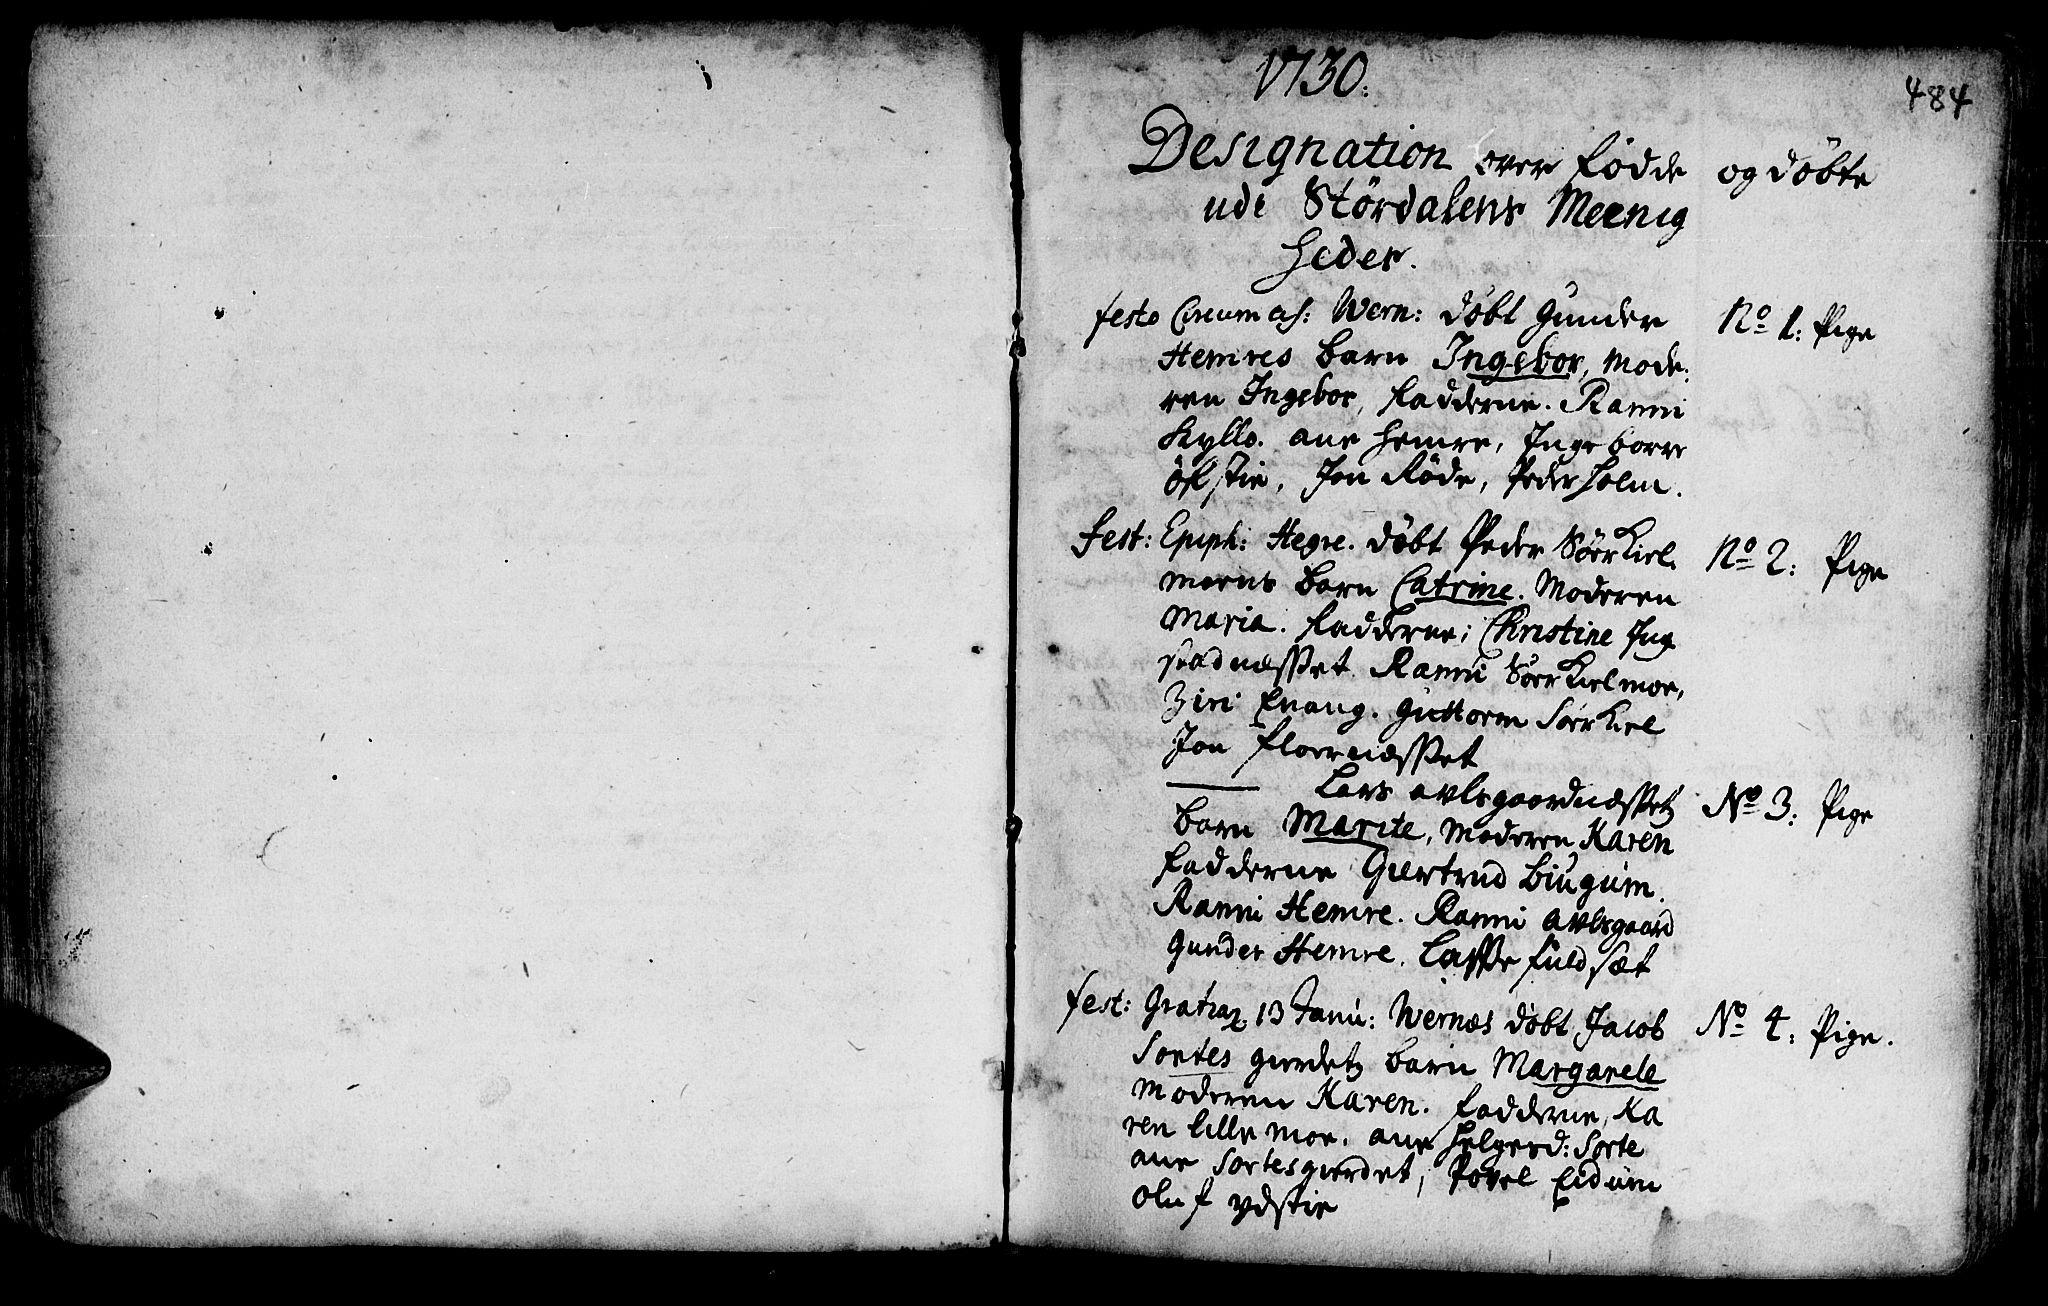 SAT, Ministerialprotokoller, klokkerbøker og fødselsregistre - Nord-Trøndelag, 709/L0055: Ministerialbok nr. 709A03, 1730-1739, s. 483-484